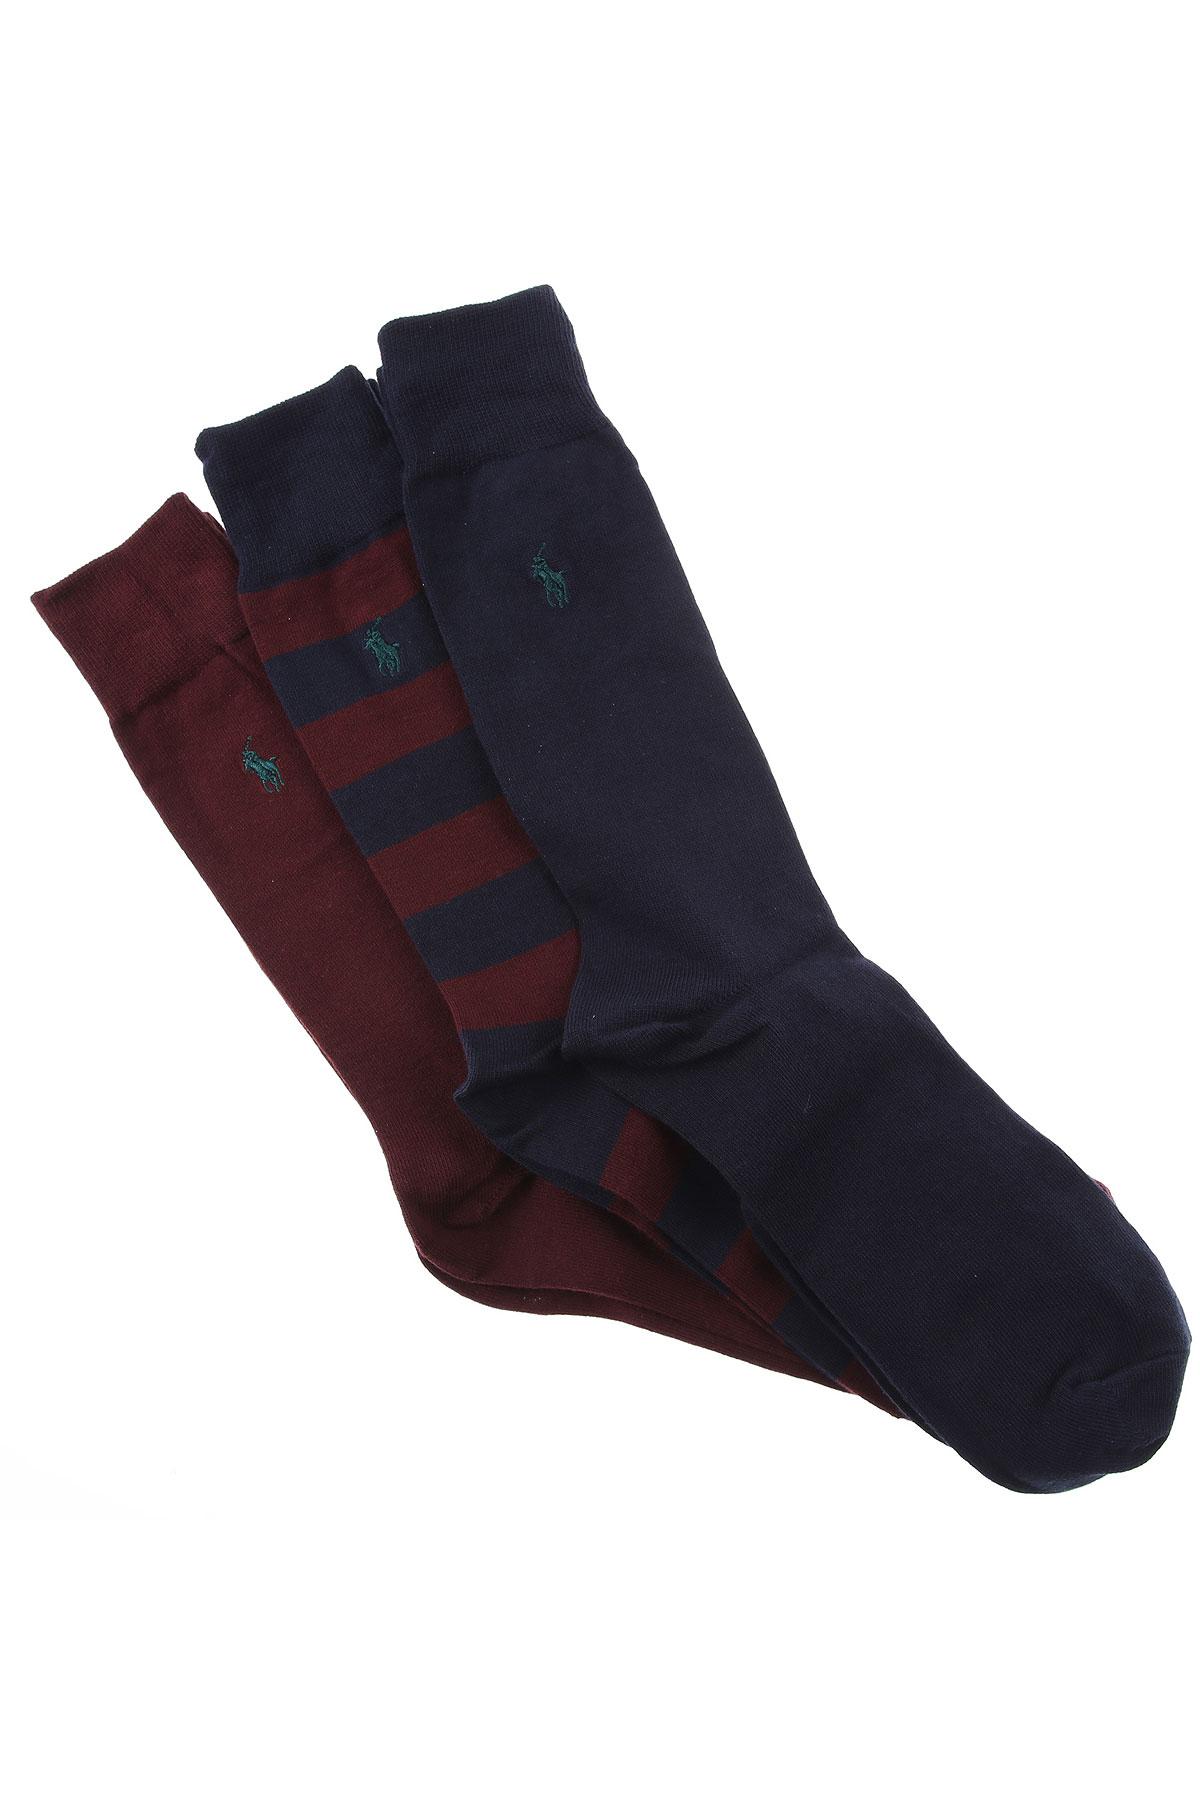 Ralph Lauren Socks Socks for Men On Sale, Ink Blue, Cotton, 2019